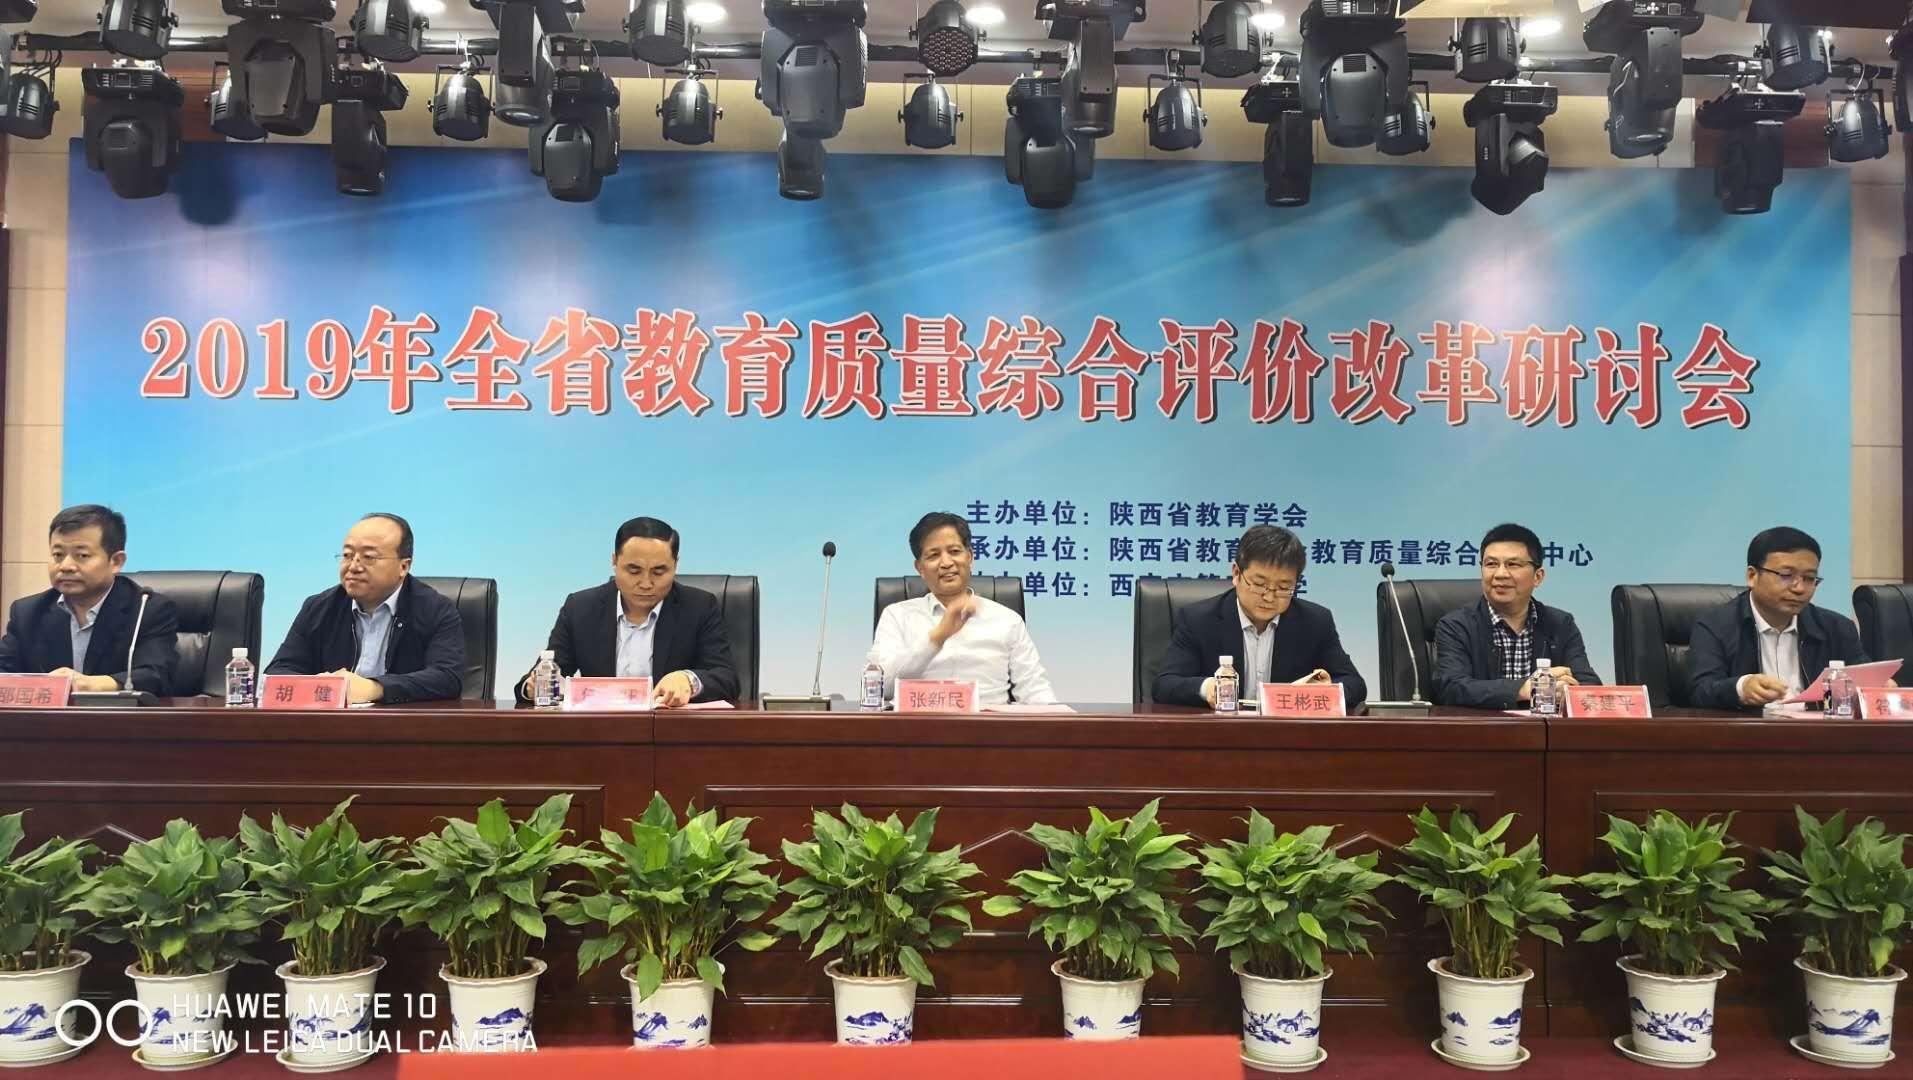 陕西省举行教育质量综合评价改革研讨会